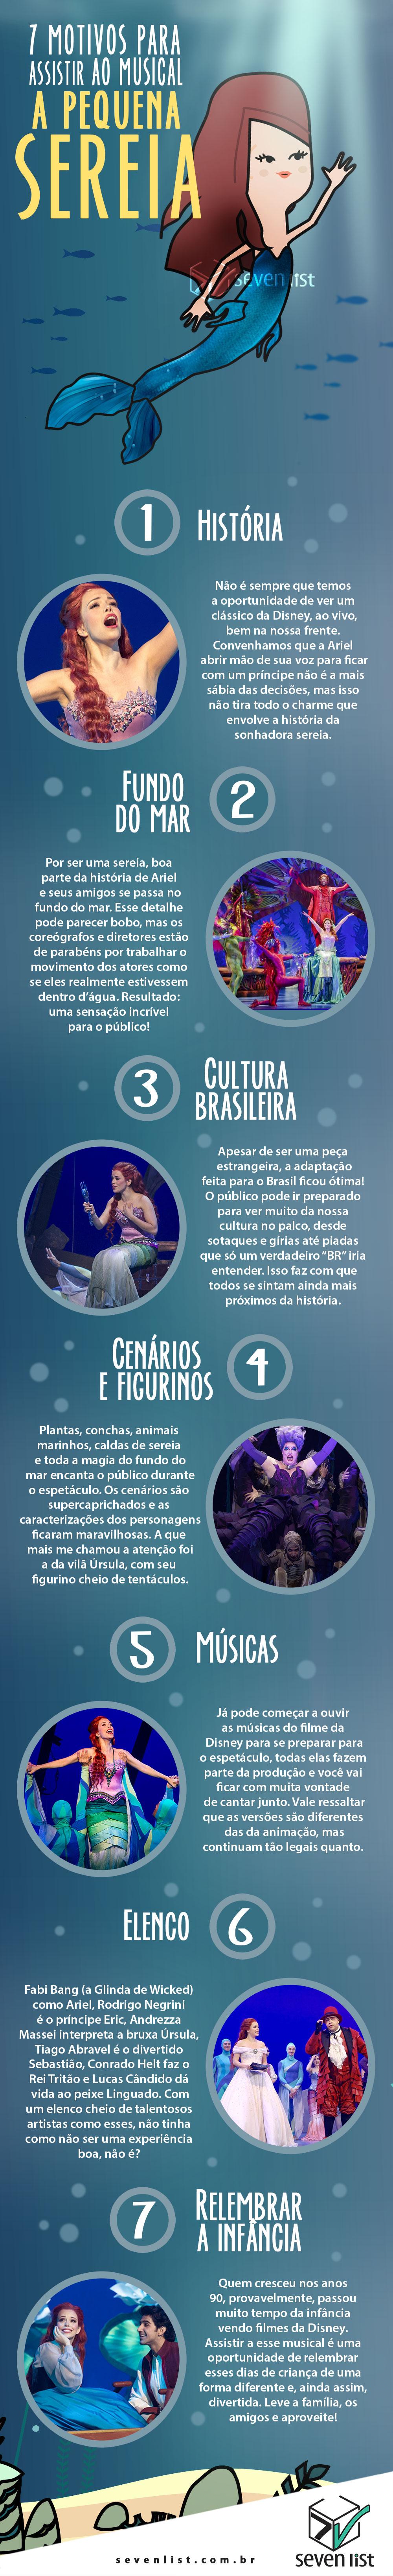 SEVEN LIST - O MUSICAL A PEQUENA SEREIA - EM SÃO PAULO